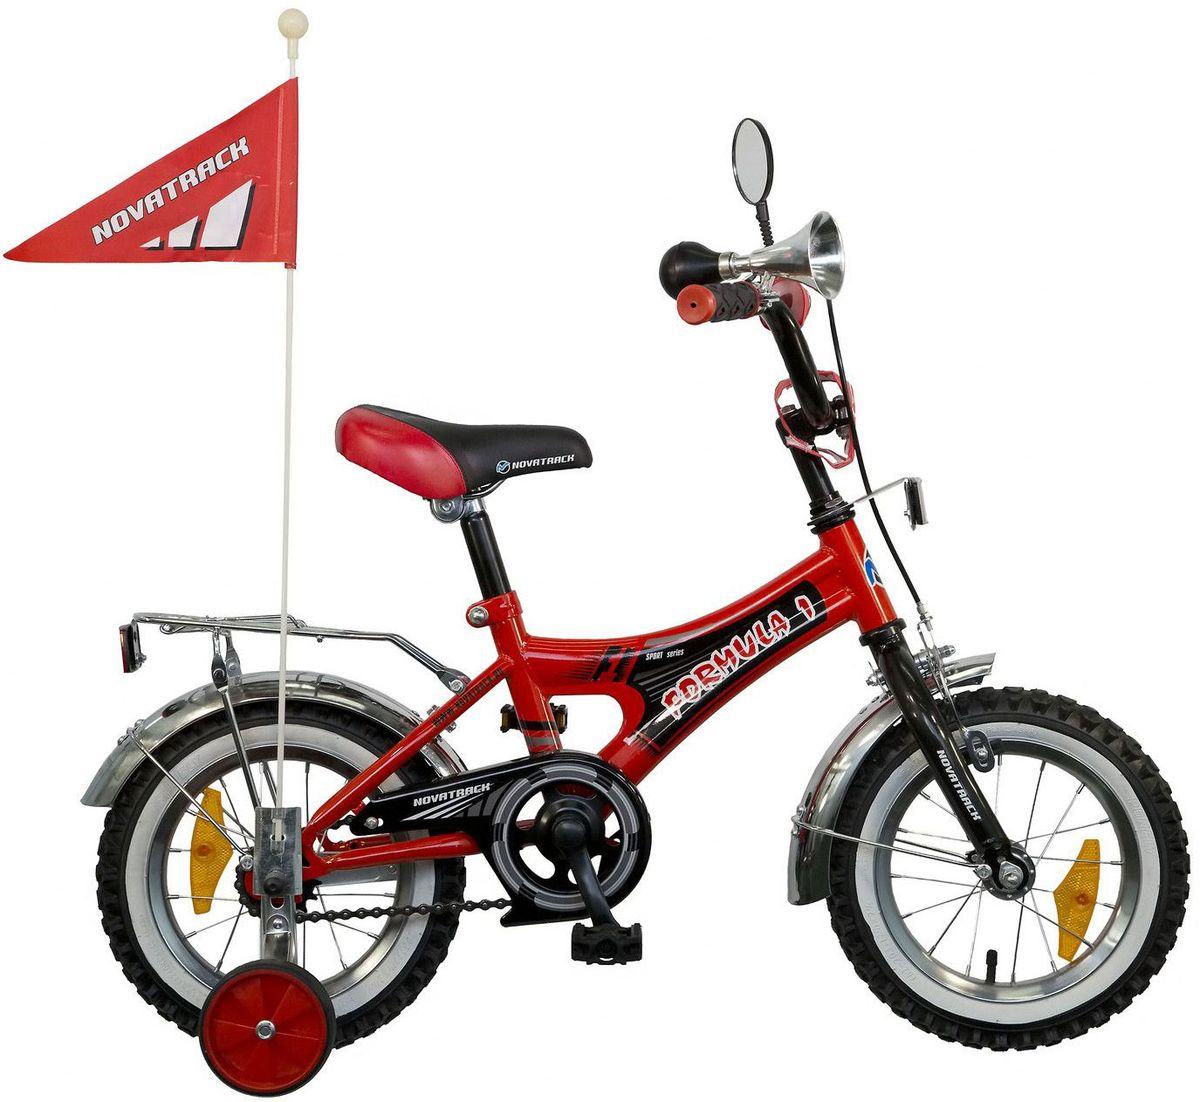 Велосипед детский Novatrack Формула, цвет: красный, 12WRA523700Велосипед Формула 1 со стальной универсальной рамой, имеет размер колеса 12. Предназначен для детей в возрасте от 3 до 5 лет.Тип рамы удобный как для мальчиков, так и для девочек;Интегрированный ограничитель руля, гарантирующий безопасность;Цвет : красный-черный;Надувные колеса с ниппелем под автомобильный насос;Модель имеет хромированные обода, крылья, багажник; а также цветные рукоятки руля (рукоятки руля черные из мягкой резины);Тормоза: задняя тормозная втулка и передний тормоз клещевого типа ;Широкие поддерживающие колеса с резиновой внешней частью, усиленные кронштейны;Модель оснащена однокомпонентными шатунами;Высокий руль для более комфортной посадки;Наличие 4-х отражателей : передний, задний и 2 шт. на колесах;Защита цепи;Модель оснащена сигнальным гудком, зеркалом и флажком.